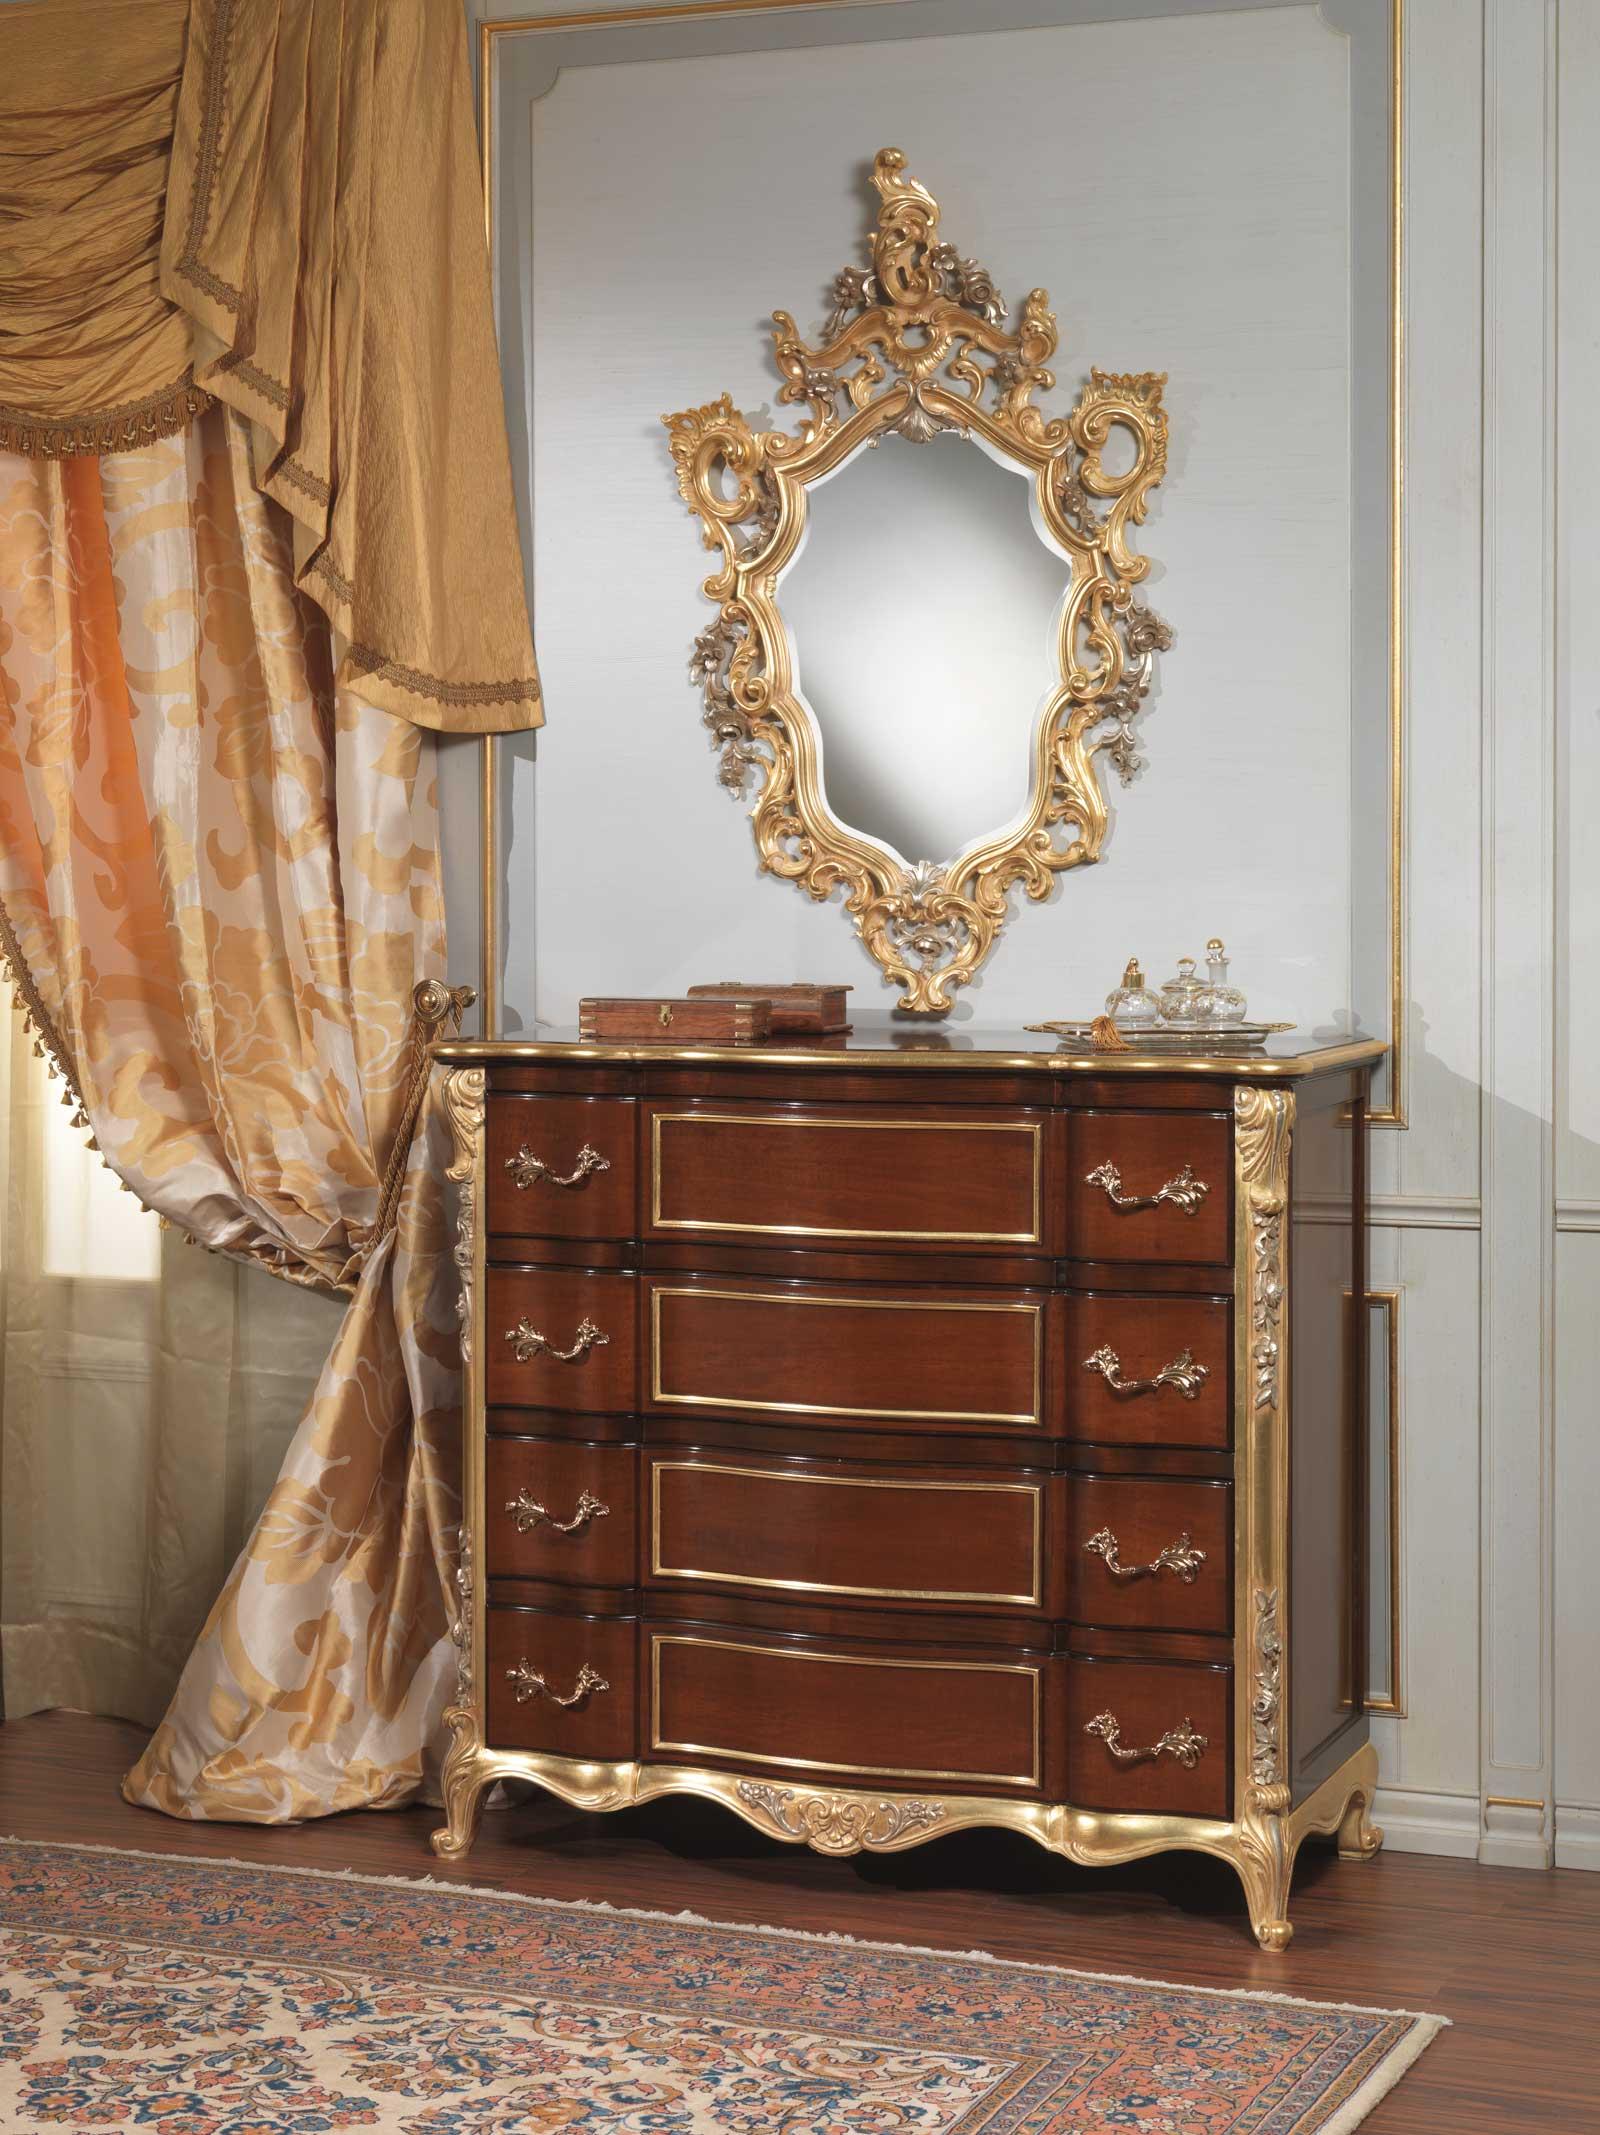 Camera da letto classica 700 italiano, comò e specchiera  Vimercati ...